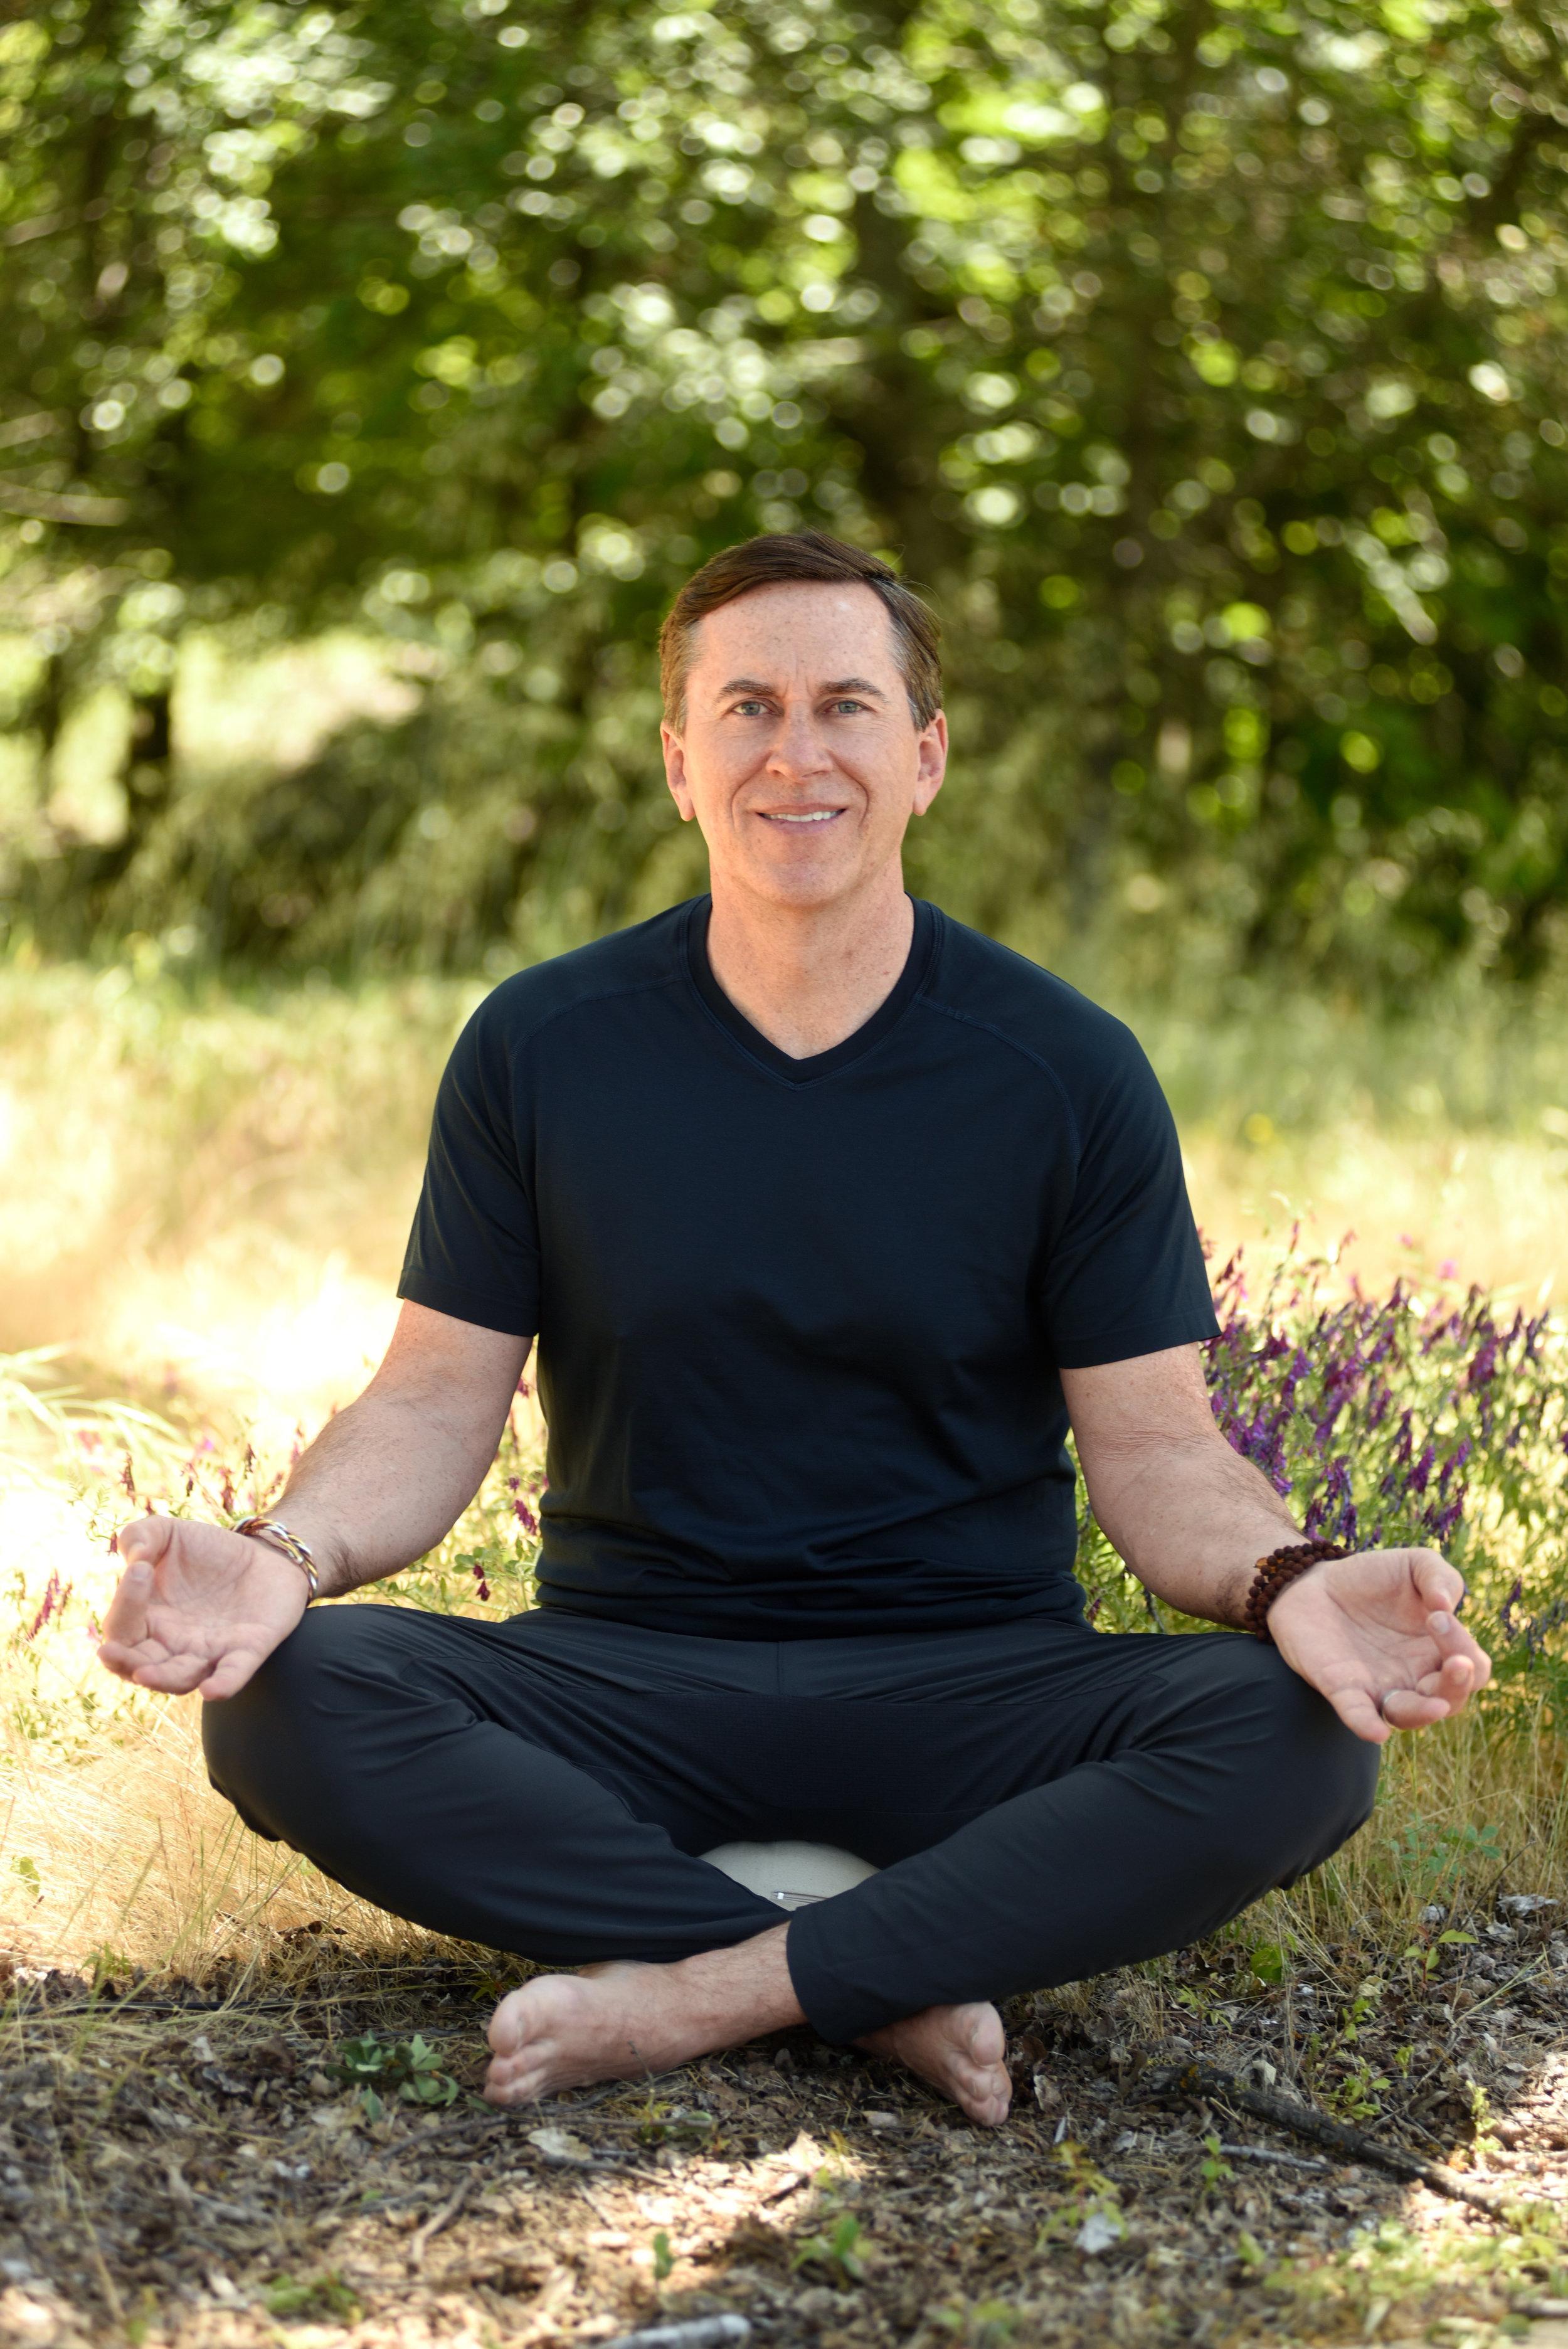 AWAKE-Bajrang-Meditation.jpg